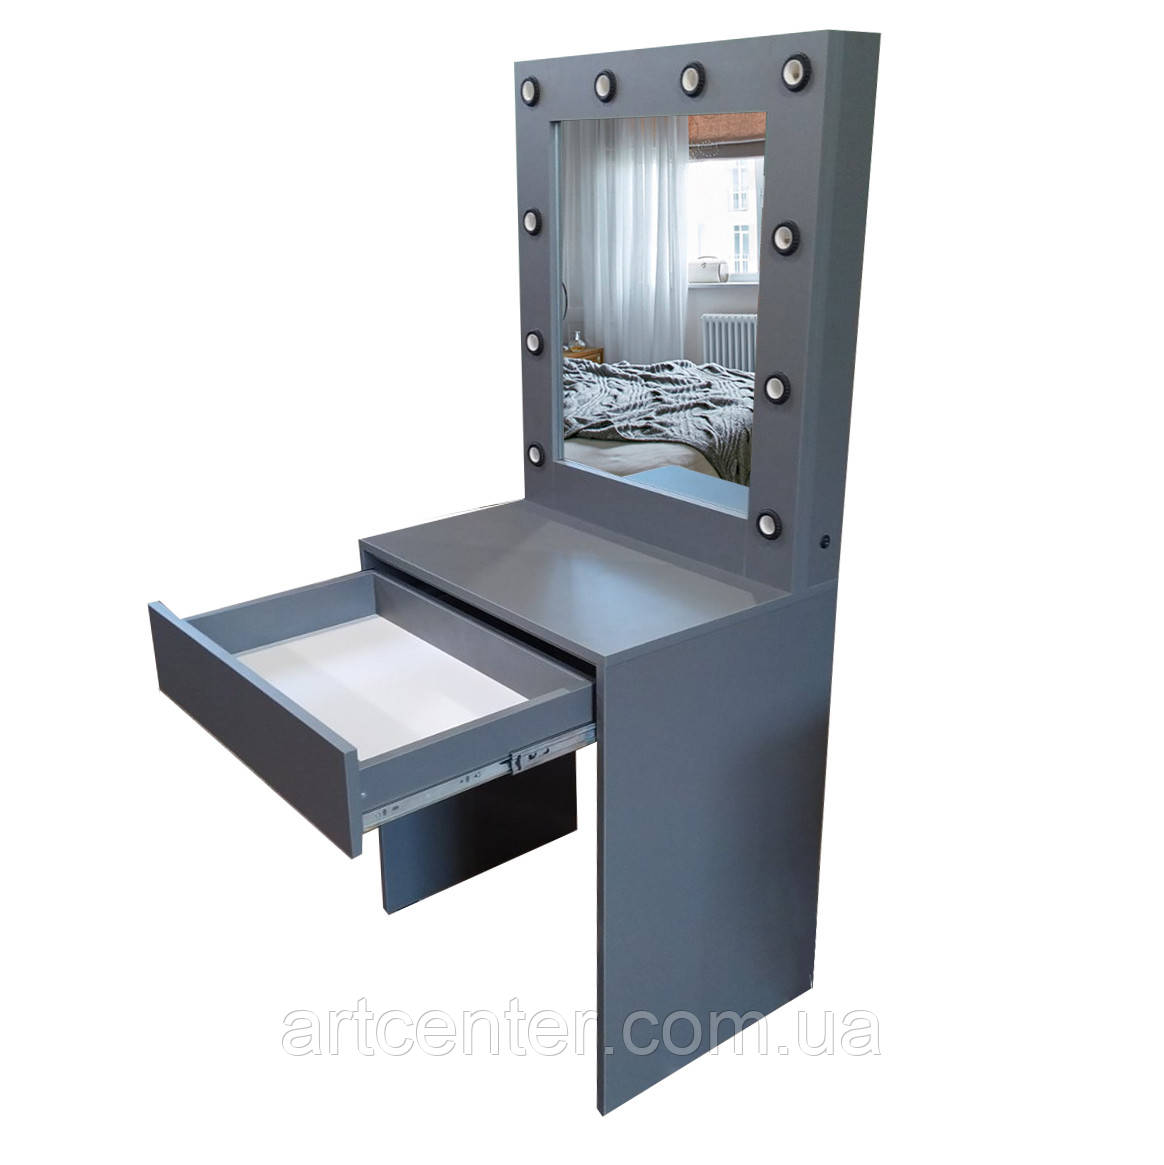 Стол для визажиста, стол для макияжа